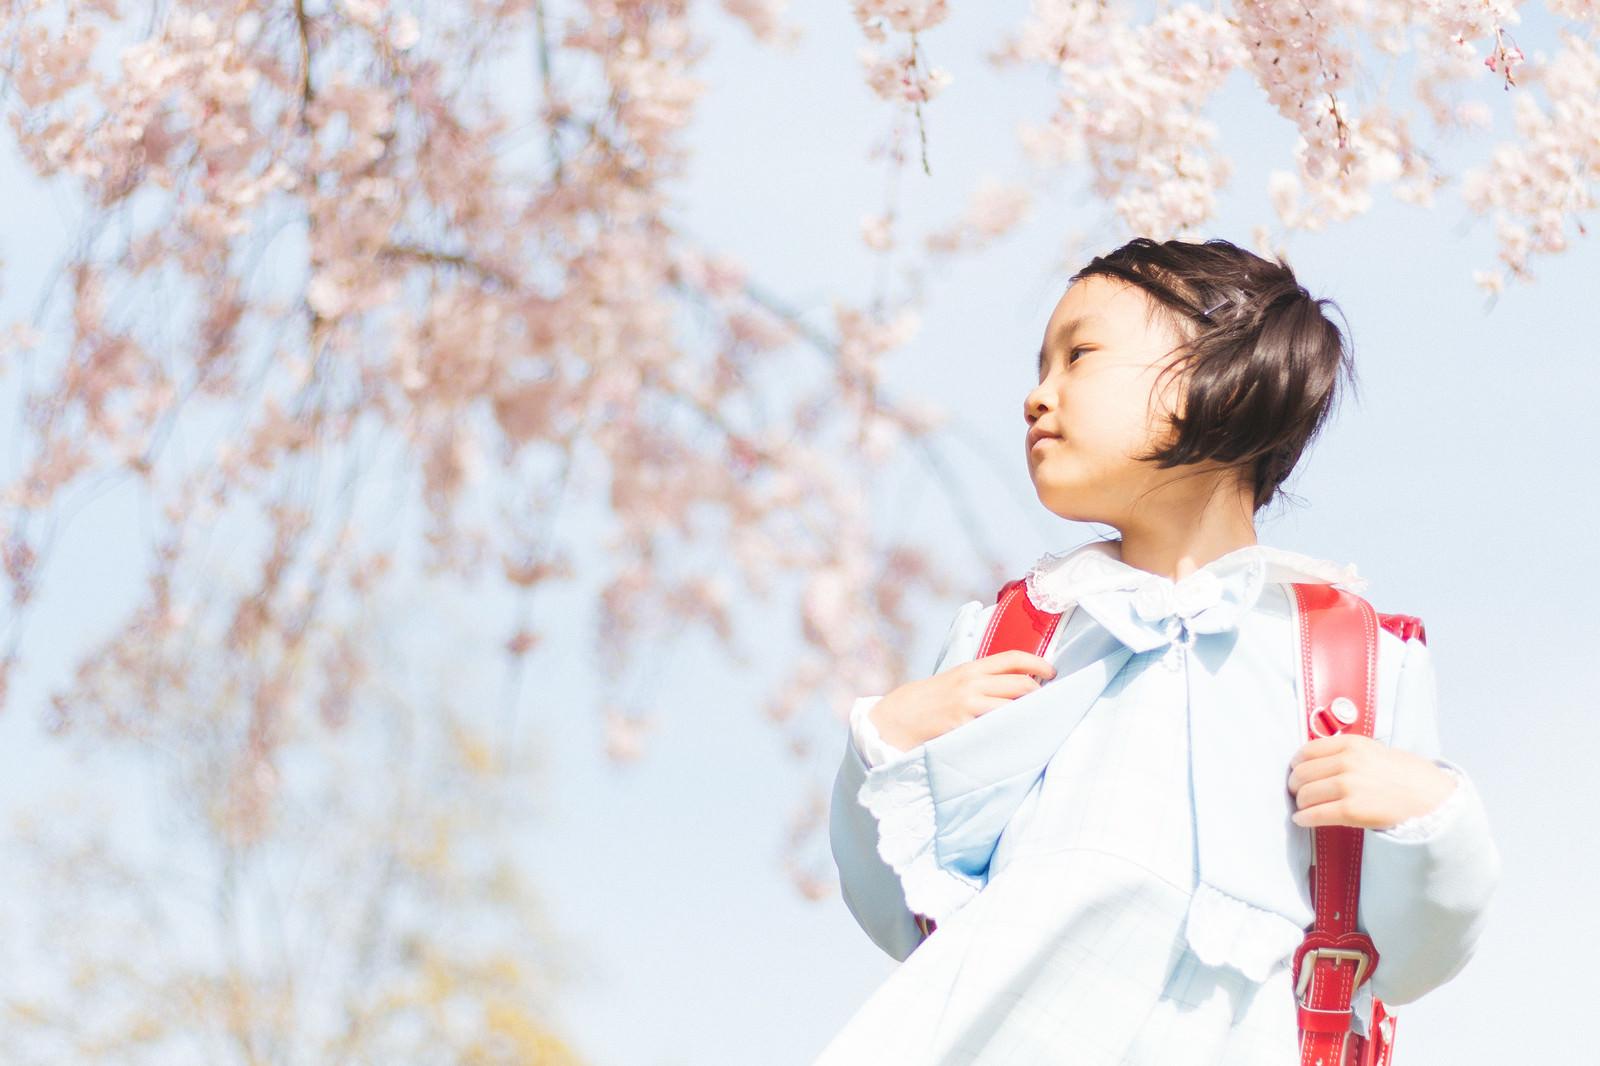 「ピカピカ一年生ピカピカ一年生」[モデル:あんじゅ]のフリー写真素材を拡大